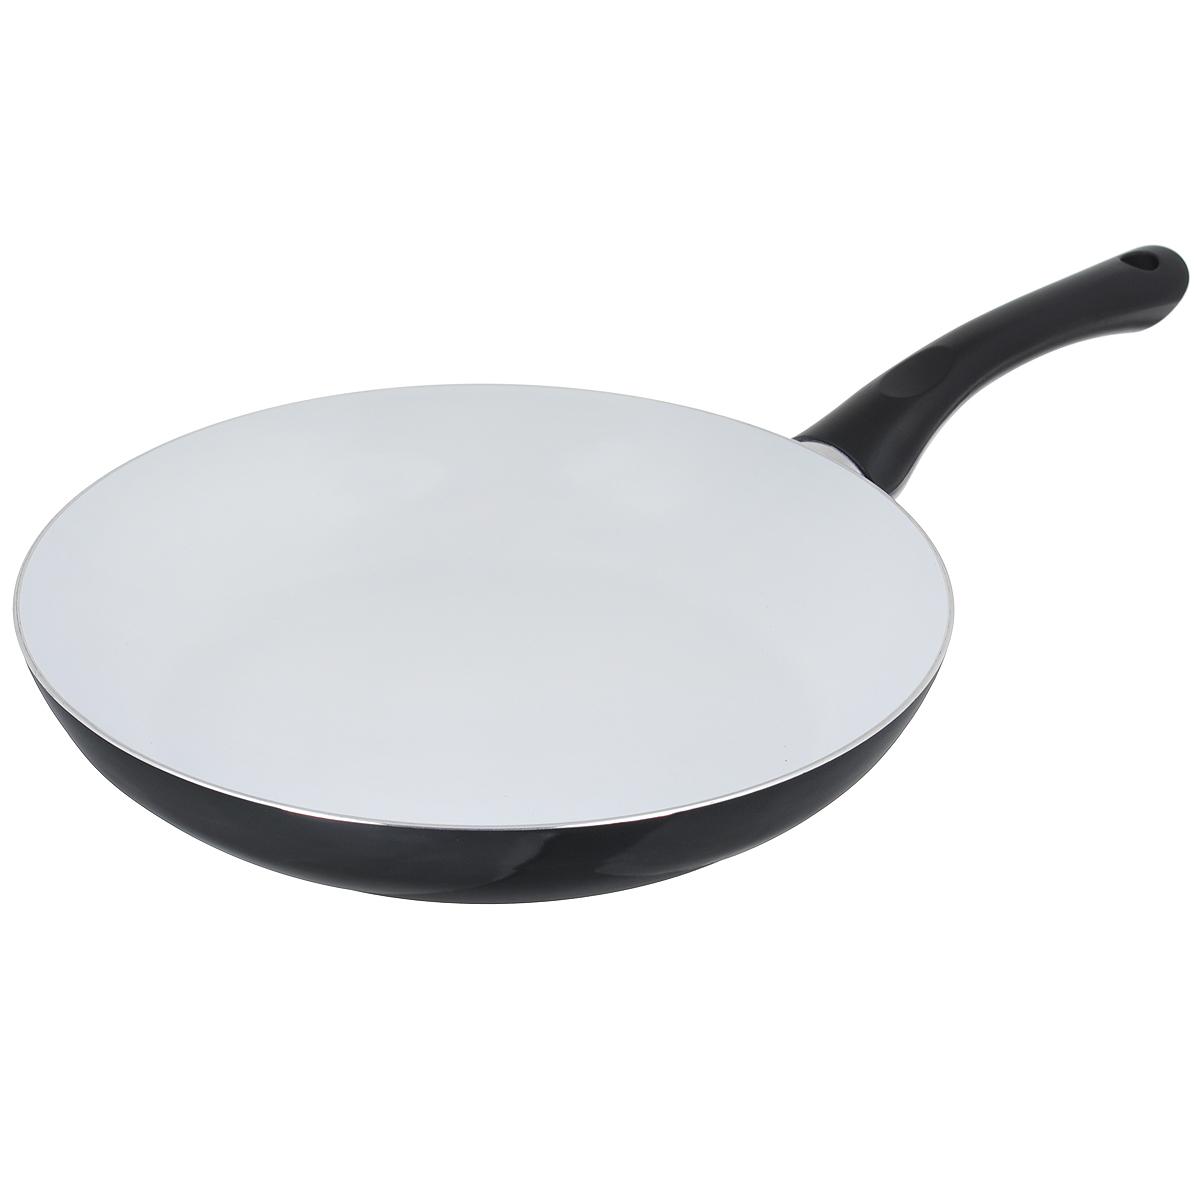 Сковорода Bekker, с керамическим покрытием, цвет: черный. Диаметр 28 см. BK-3704ВК-3704 черныйСковорода Bekker изготовлена из алюминия с внутренним керамическим покрытием. Благодаря этому пища не пригорает и не прилипает к стенкам. Готовить можно с минимальным количеством масла и жиров. Гладкая поверхность обеспечивает легкость ухода за посудой. Внешнее покрытие - цветной жаростойкий лак. Изделие оснащено удобной бакелитовой ручкой, которая не нагревается в процессе готовки. Сковорода подходит для использования на всех типах кухонных плит, кроме индукционных, а также ее можно мыть в посудомоечной машине. Высота стенки: 5 см. Толщина стенки: 2,5 мм. Толщина дна: 2,5 мм. Длина ручки: 18 см. Диаметр основания: 20 см.